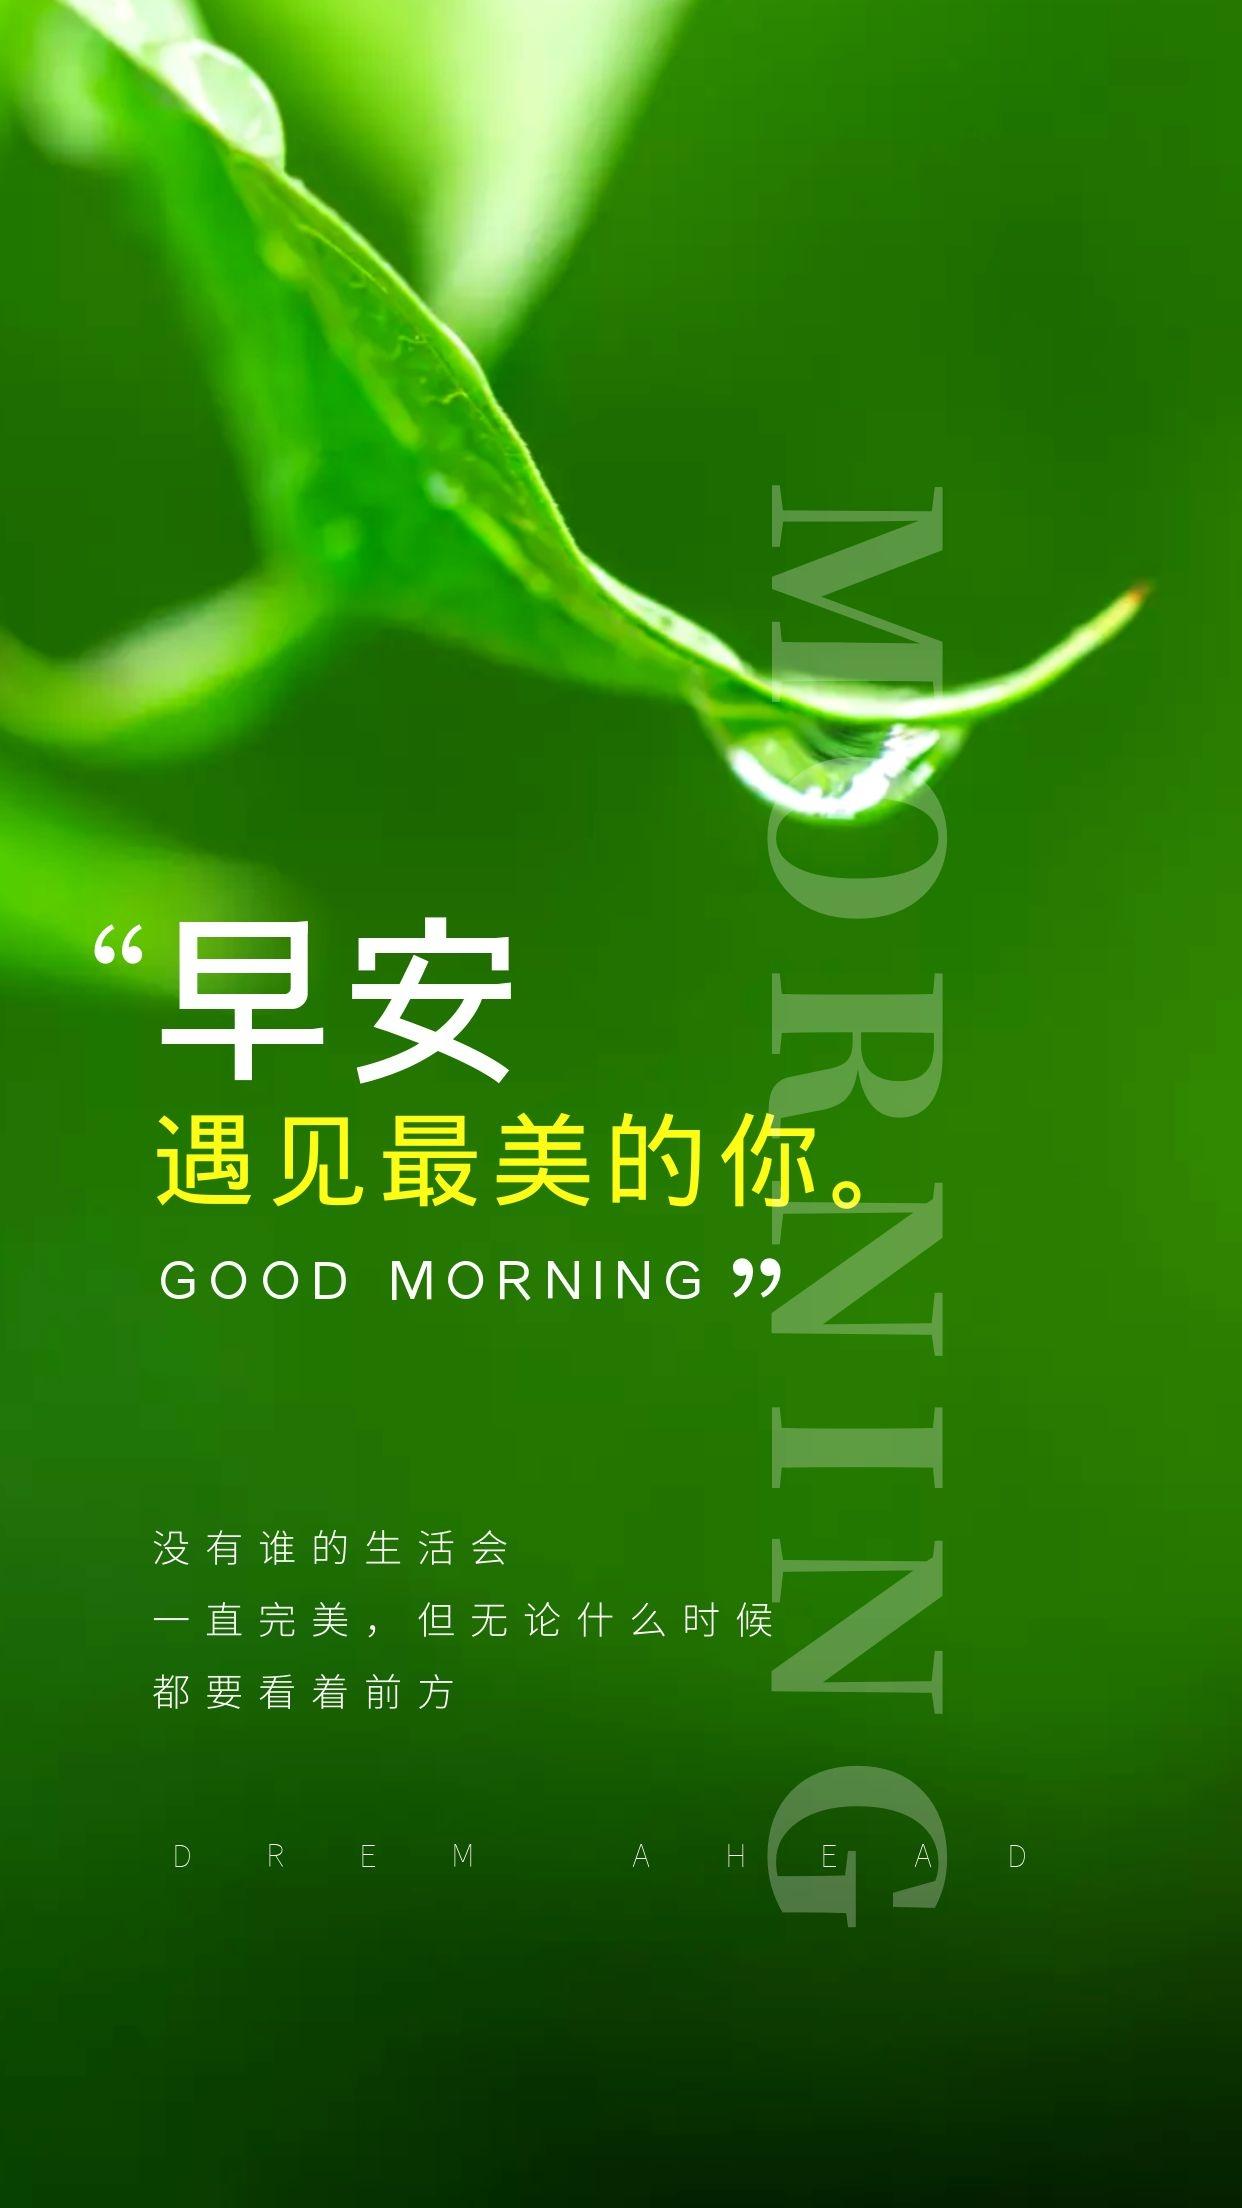 早安心语正能量语录图片带字,早安阳光说说,展翅翱翔